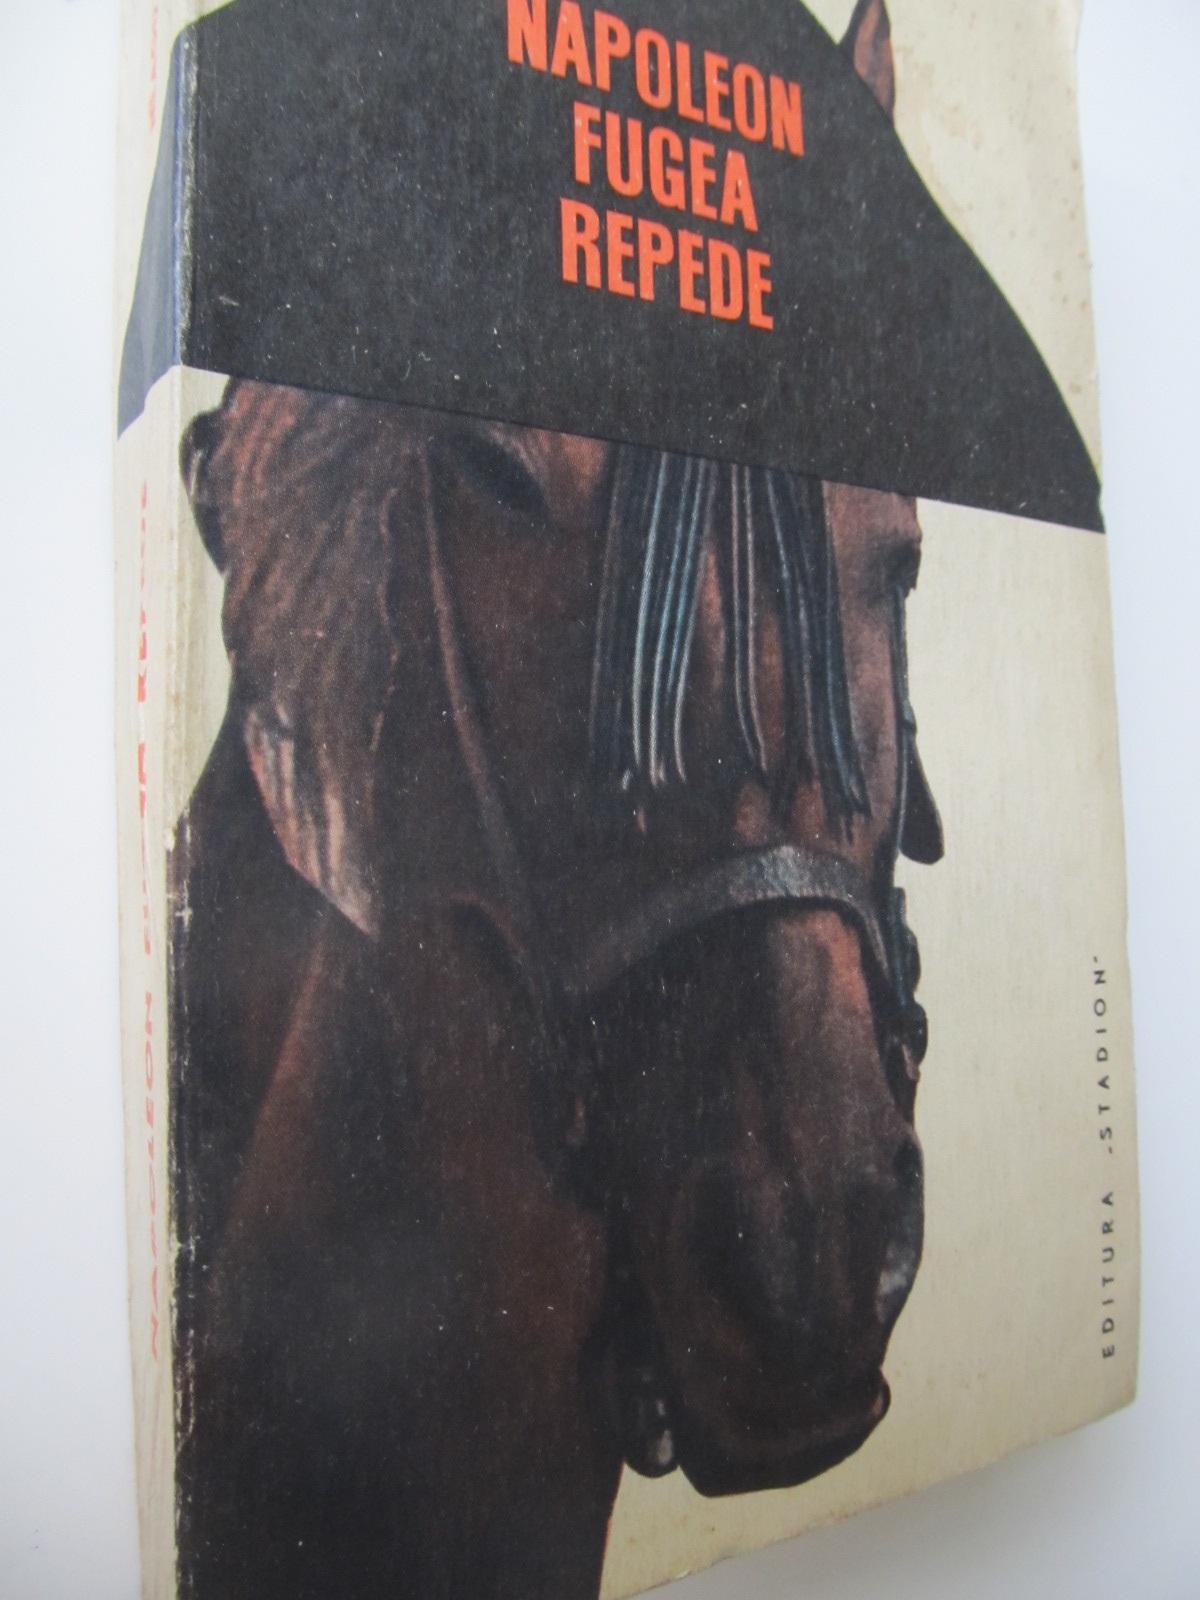 Napoleon fugea repede - Neagu Radulescu | Detalii carte